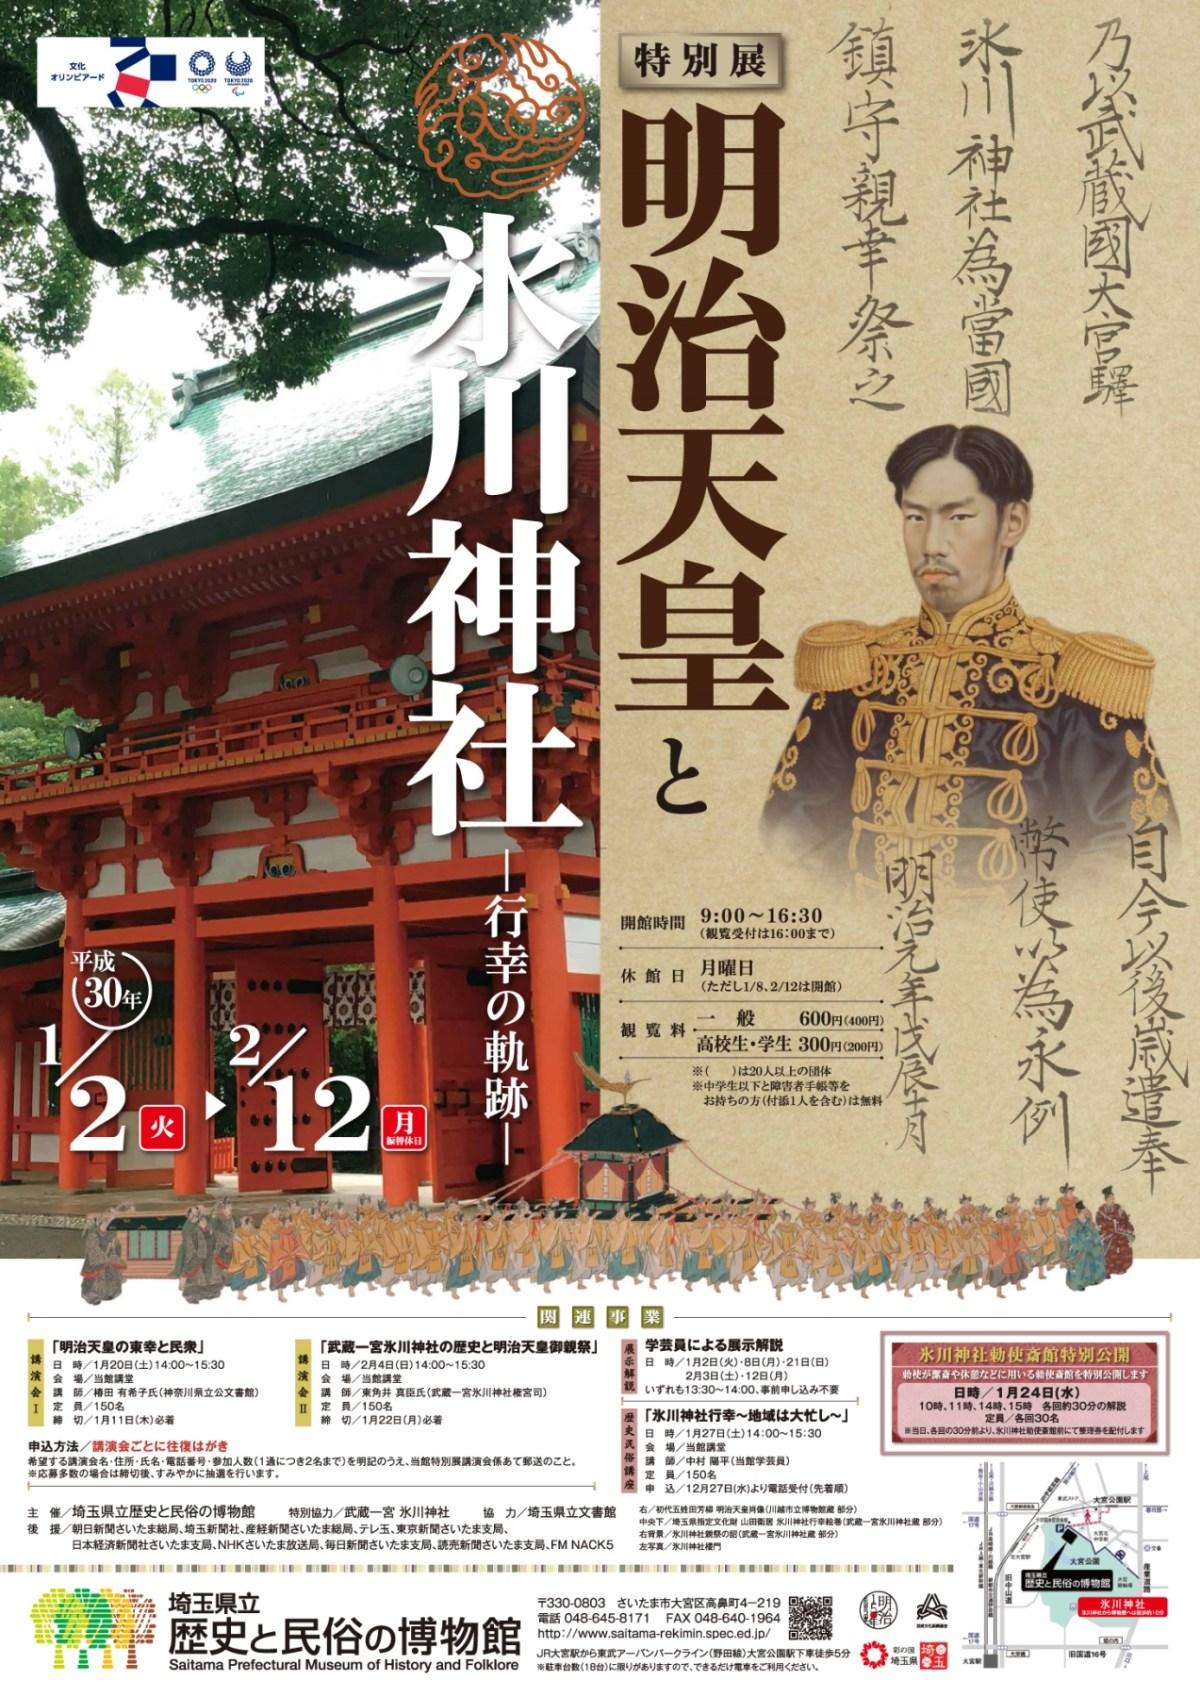 歴史と民俗の博物館 特別展「明治天皇と氷川神社-行幸の軌跡-」